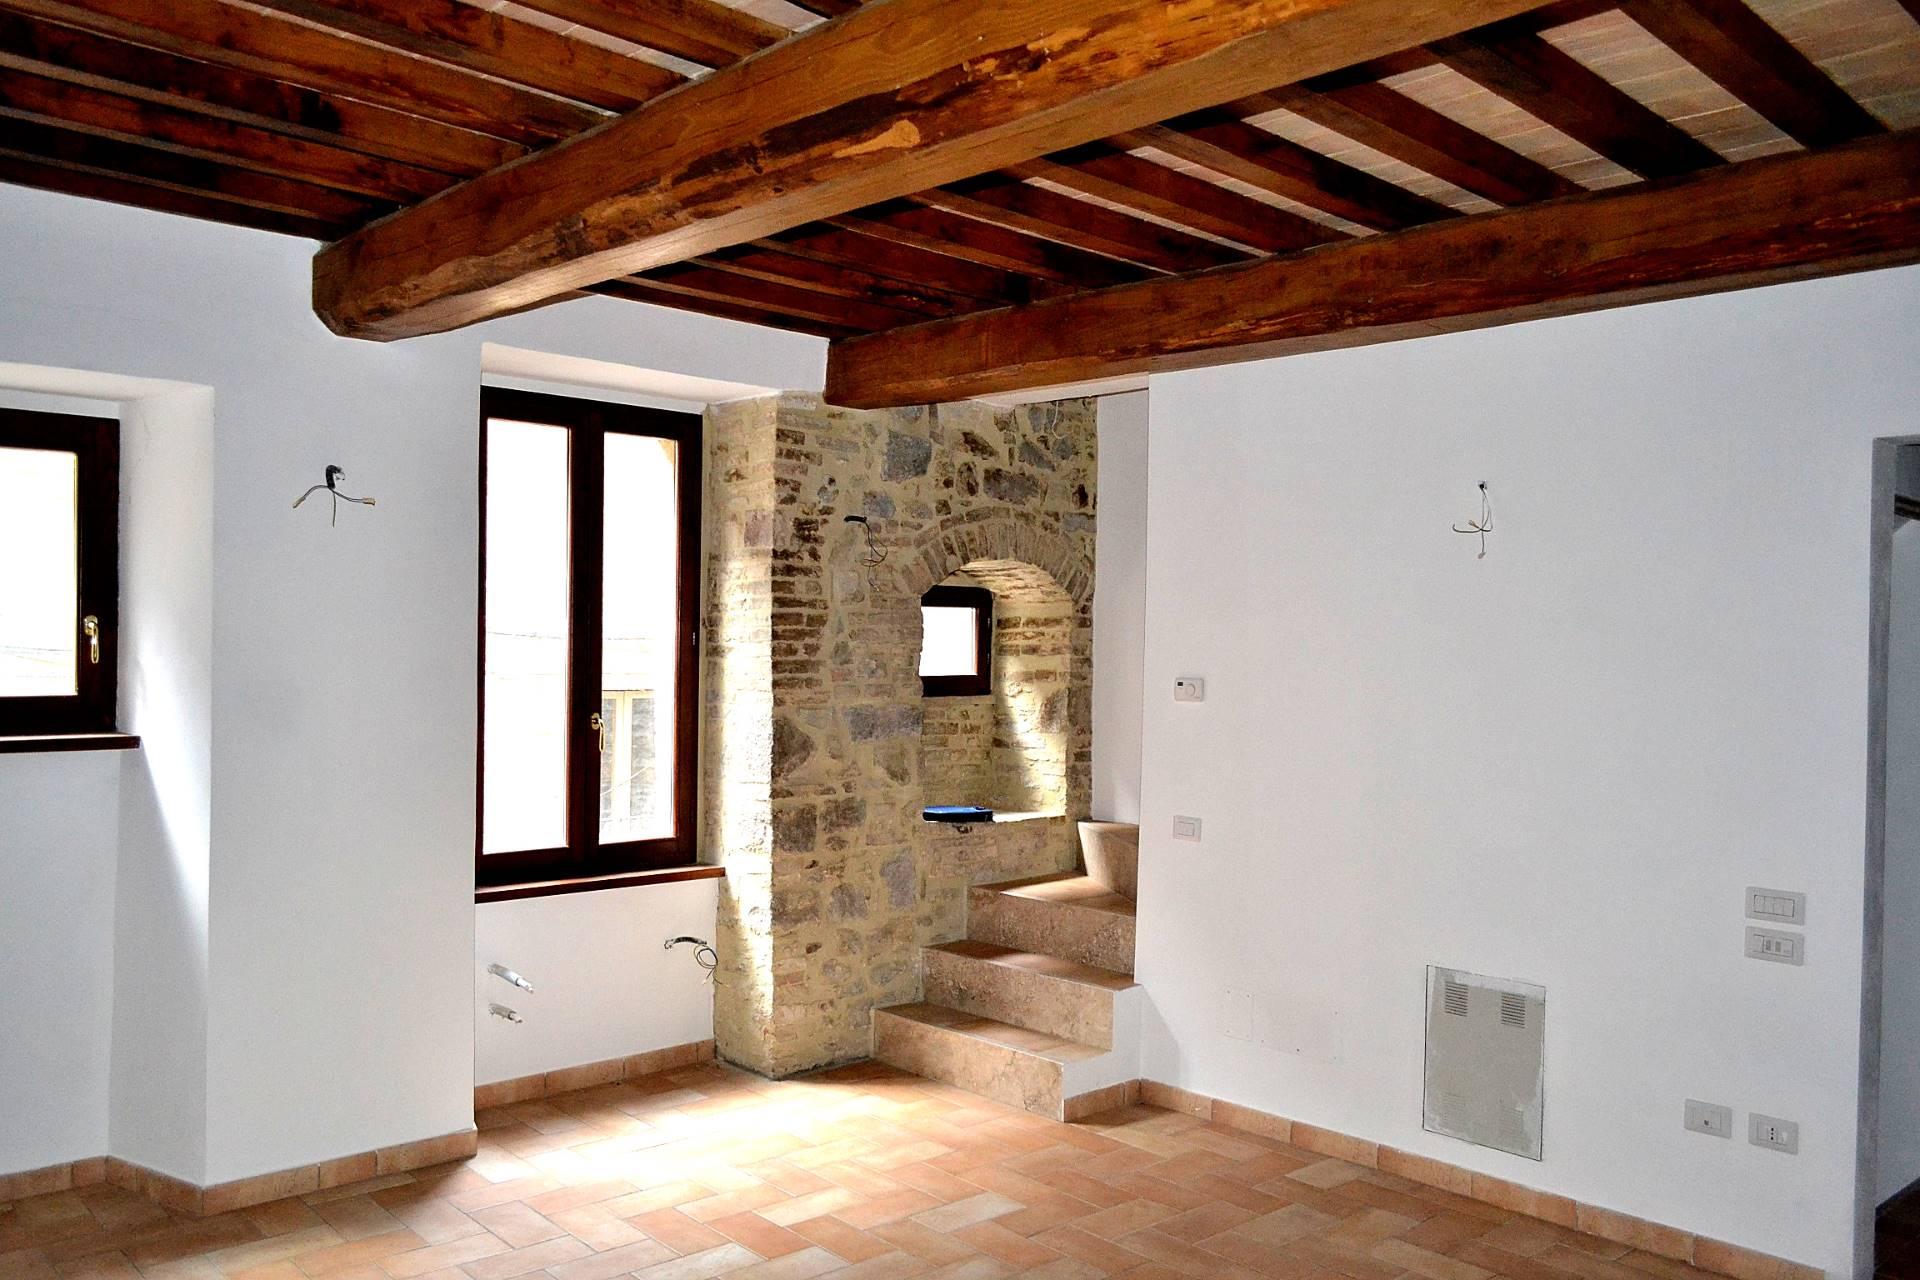 Appartamento in vendita a Gualdo Cattaneo, 3 locali, prezzo € 65.000 | CambioCasa.it